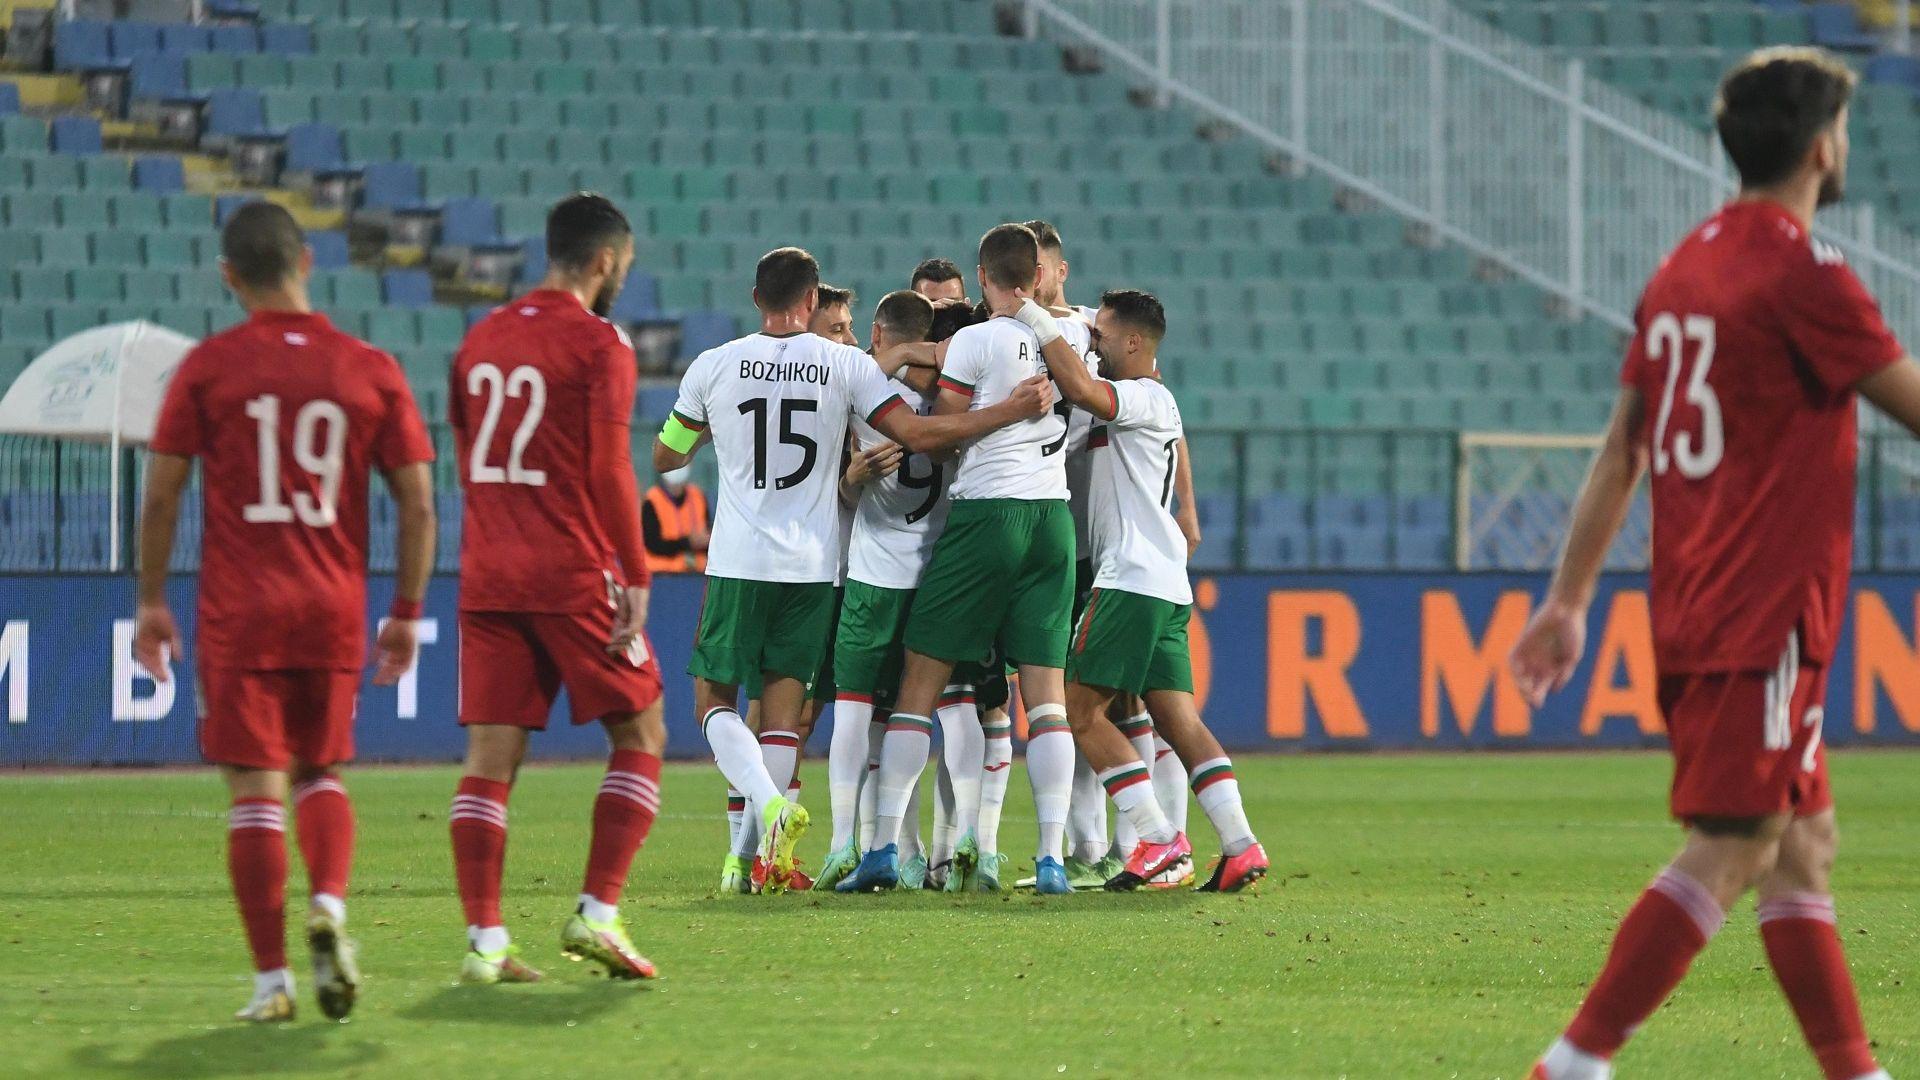 България изпрати успешната си футболна седмица с разгром над Грузия